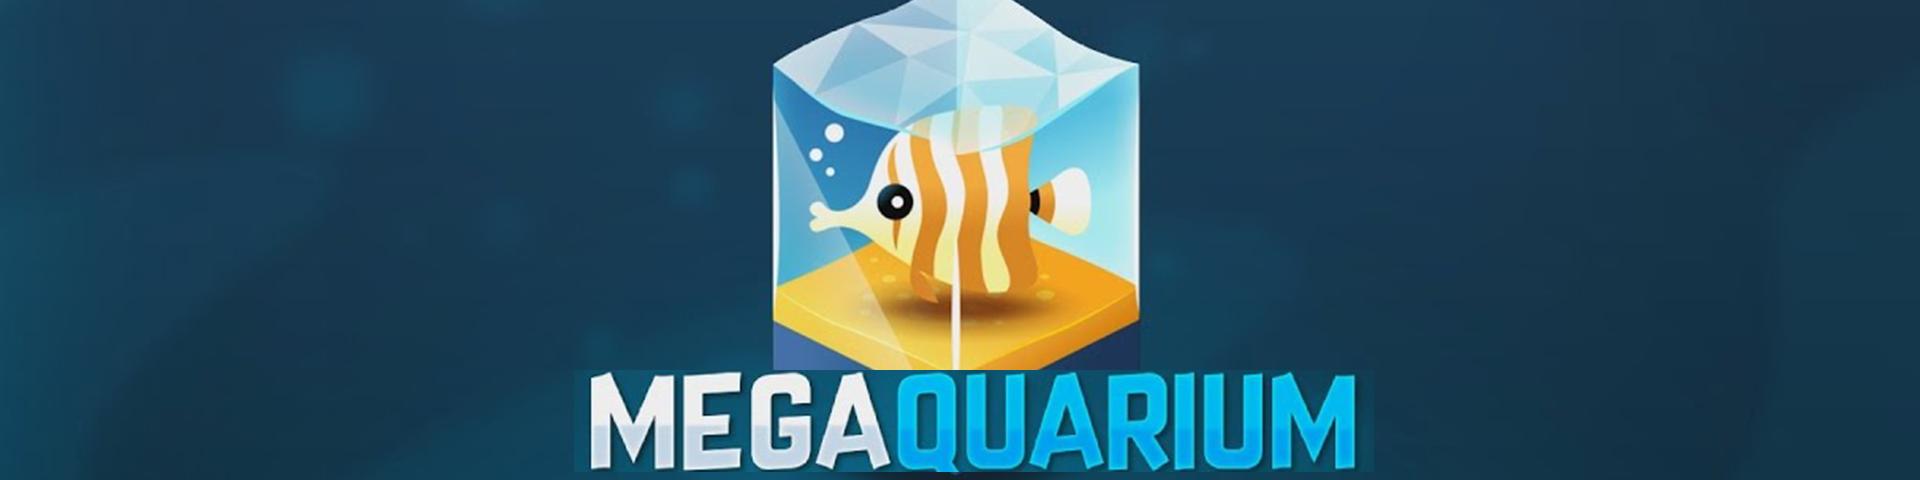 Megaquarium Review Header.png